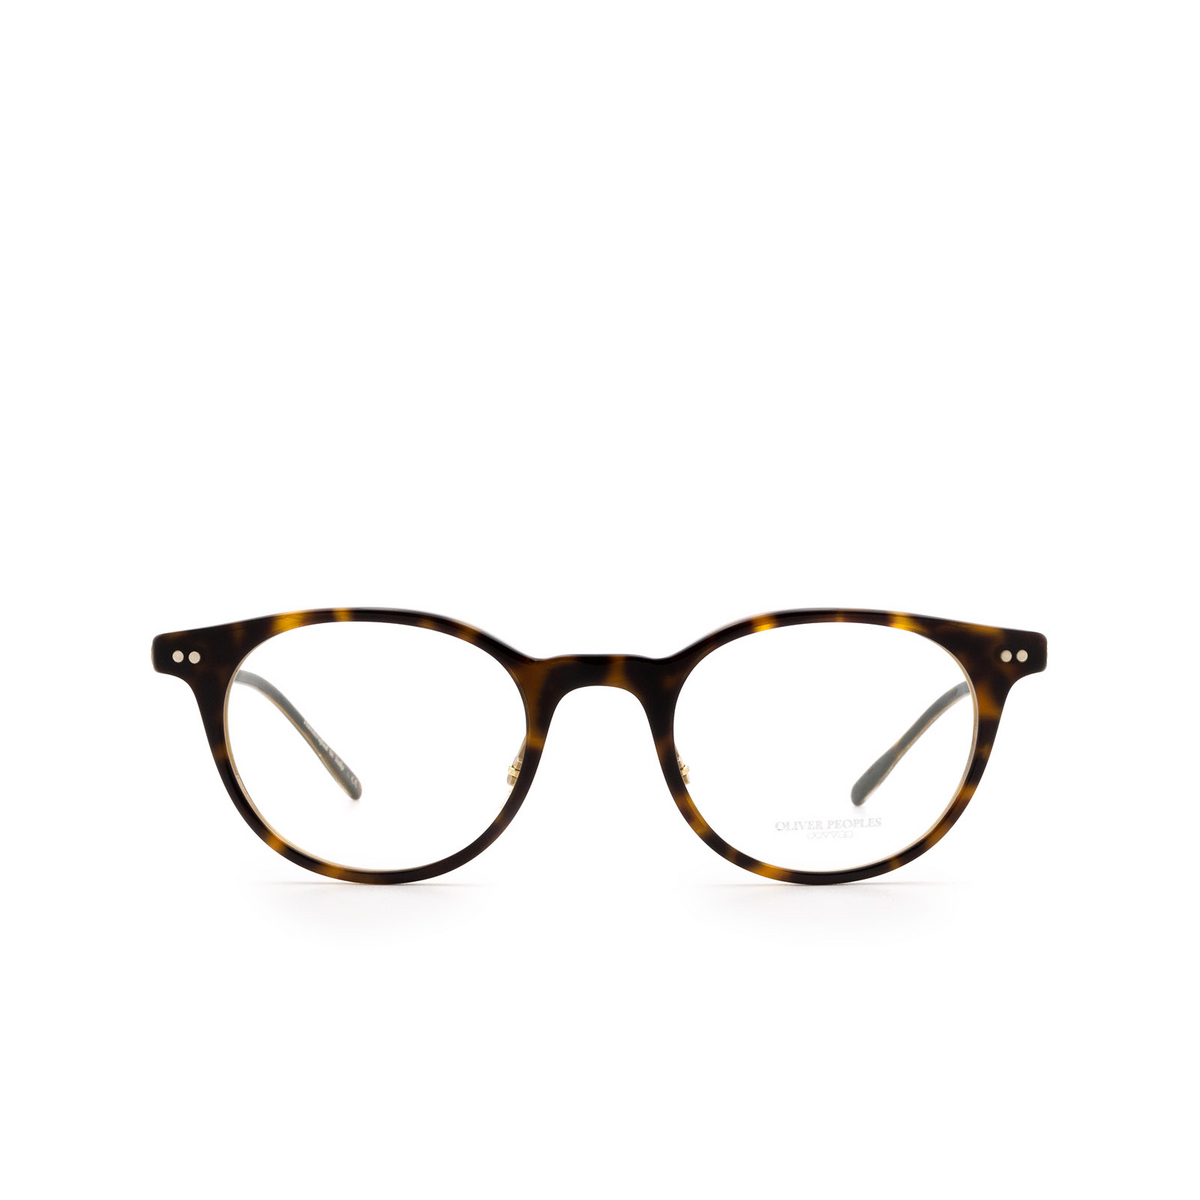 Oliver Peoples® Round Eyeglasses: Elyo OV5383 color 362 / Horn 1666.